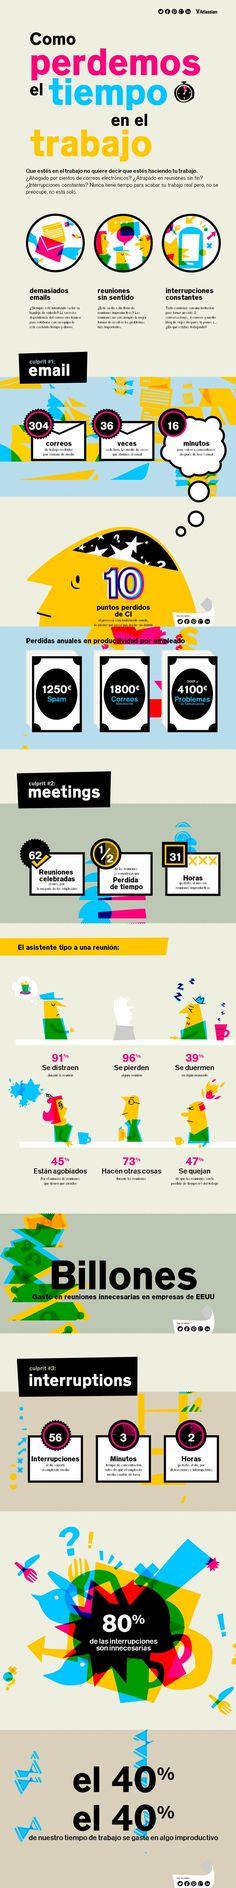 Formas en que se pierde la productividad en el trabajo #estudiantes #egresados #umayor